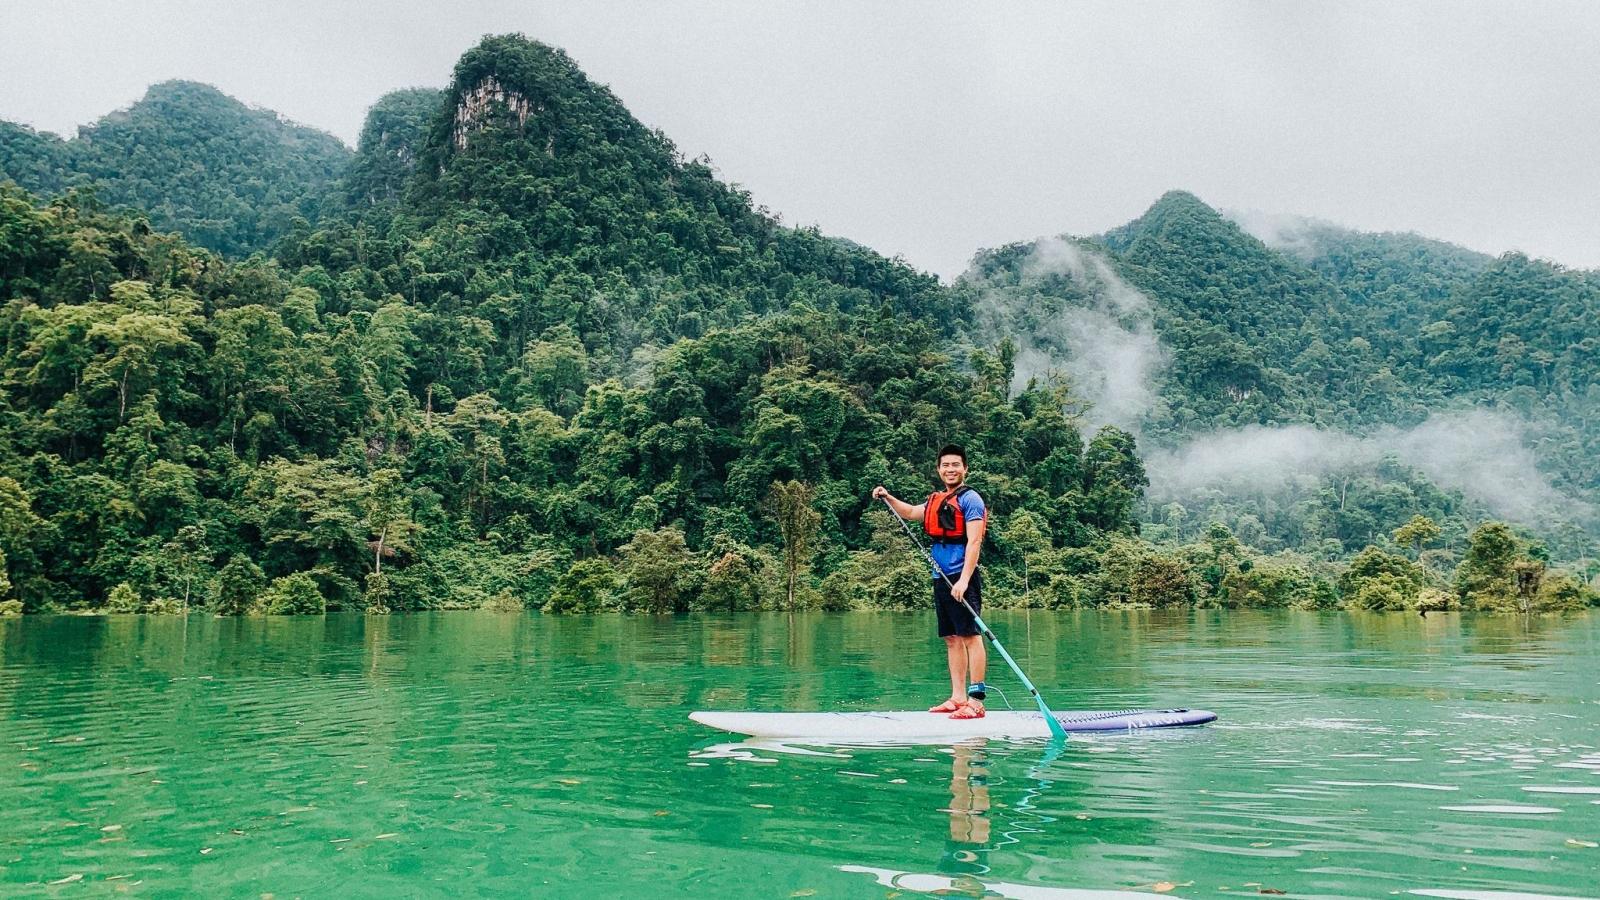 Độc đáo tour chèo thuyền trên nước lũ, lặn ngắm rừng ngập nước